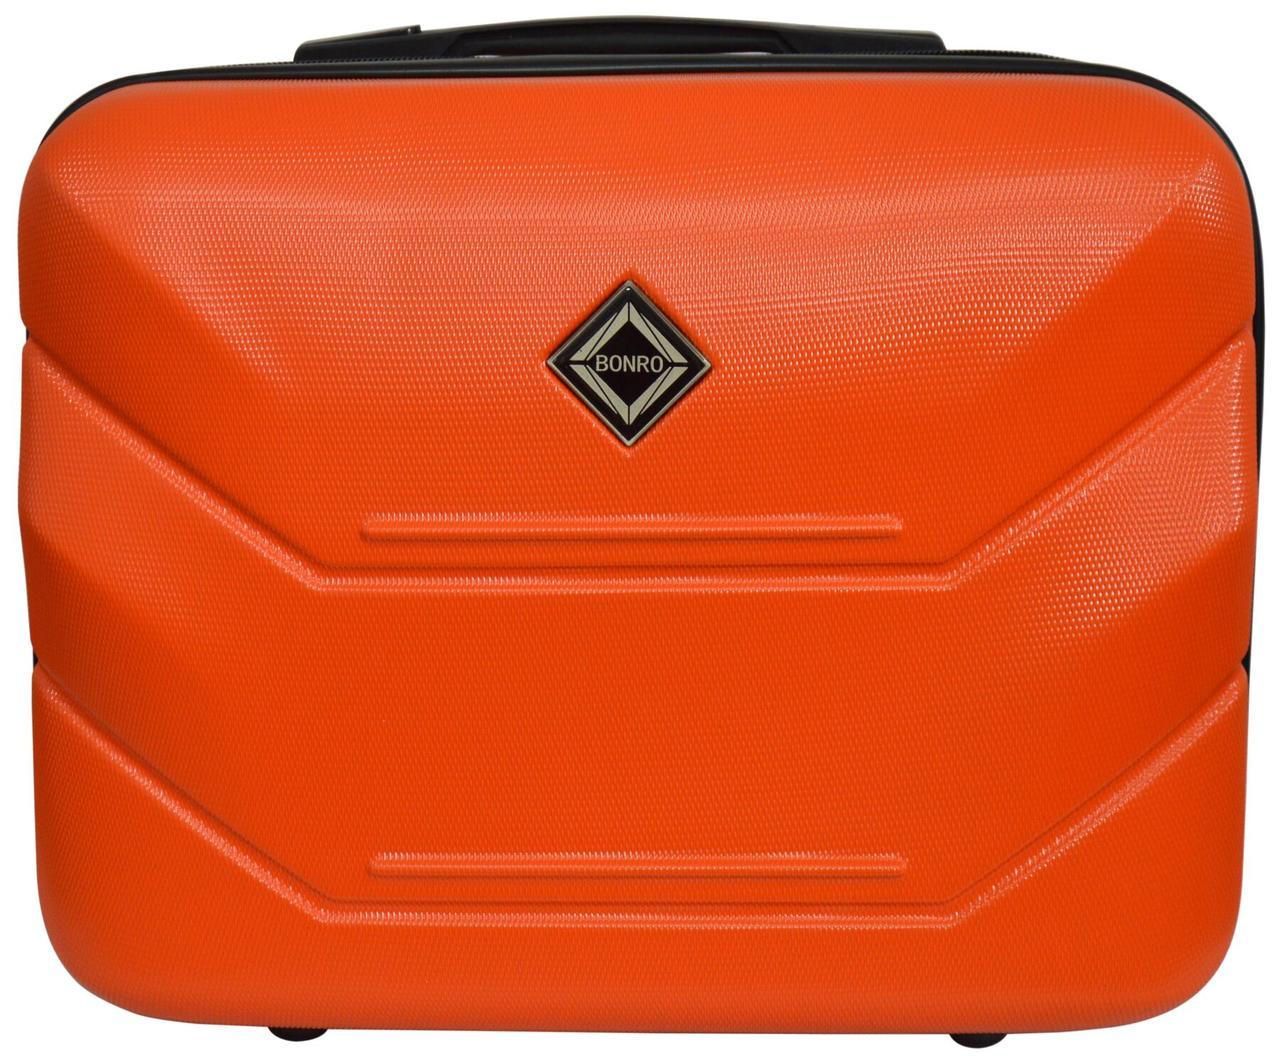 Кейс дорожній Bonro 2019 великий оранжевий (10500801)